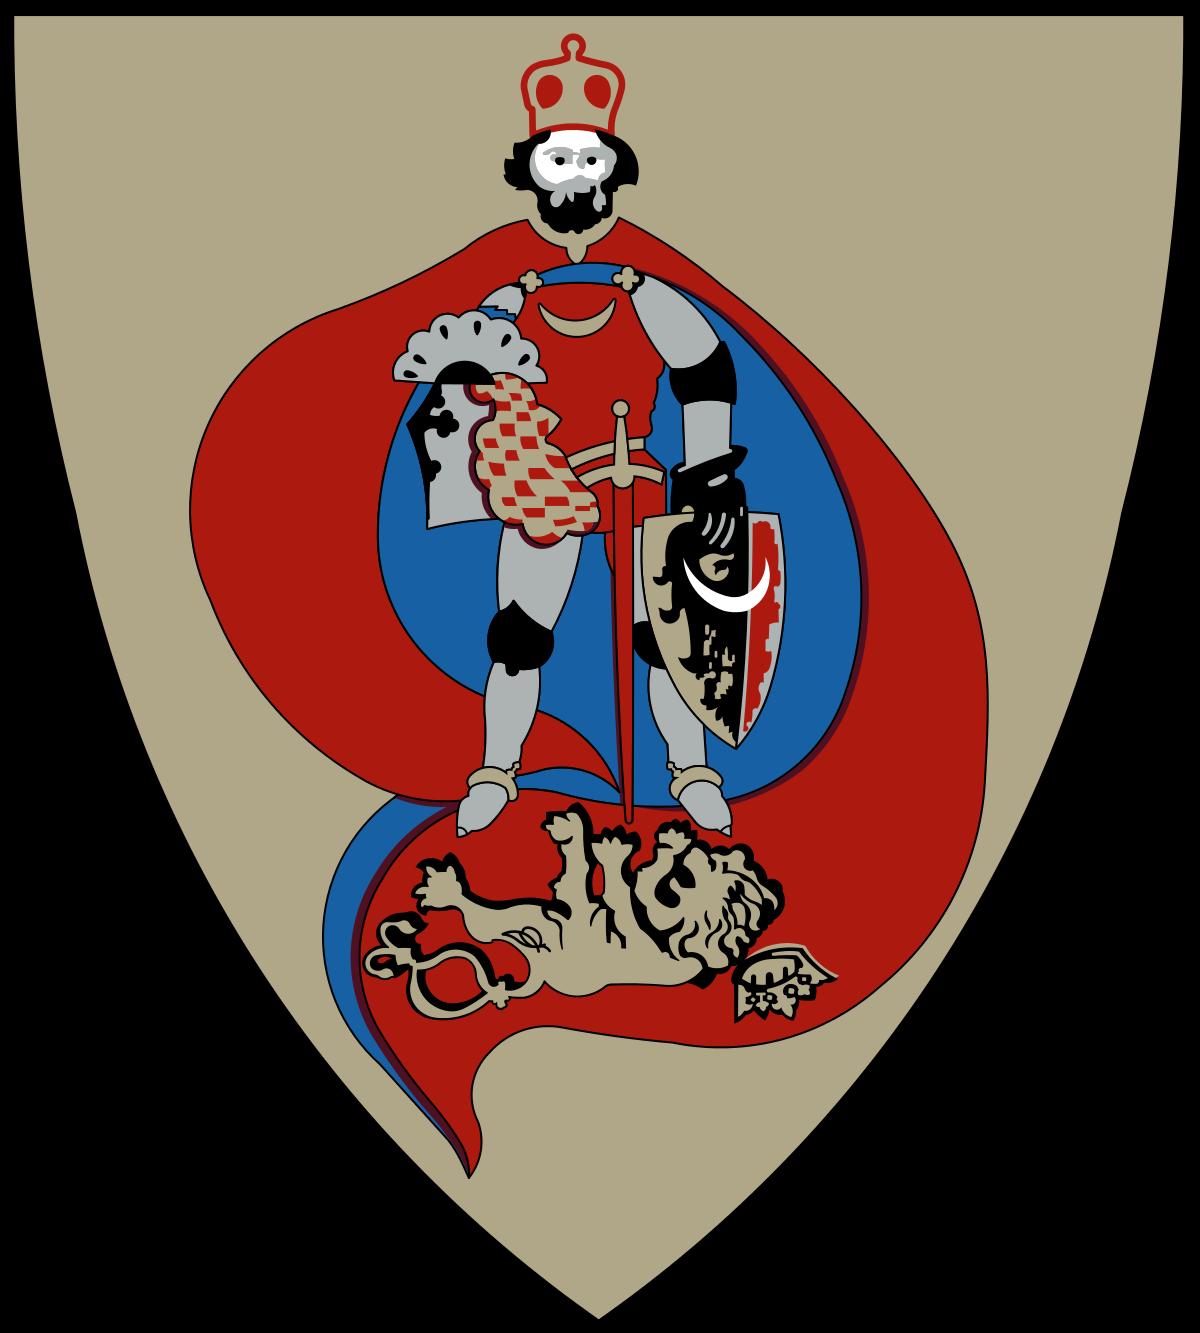 Na obrazku widnieje herb gminy Warta Bolesławiecka. Herb Gminy został ukształtowany poprzez umieszczenie godła w polu tarczy o kroju zwanym starofrancuskim, zbliżonym do powszechnie stosowanego w XII i XIV wieku na Śląsku. Pole tarczy pokryte złotem (metal) jest w swej centralnej części wypełnione obłą formą w barwie ciemnej czerwieni, przeciętą srebrną pionową dominatą. Jest to godło wyobrażające pionową postać rycerza w srebrnej zbroi stojącego w rozkroku, owianego wokół czerwonym płaszczem. Rycerz ma na głowie czerwoną mitrę książęcą w złotym pasie konstrukcyjnym. Pancerz jego zakrywa tunika w barwie czerwieni. Płaszcz u szyi jest umocowany złotym sznurem z zapinkami. U złotego pasa jest przytroczony miecz o złotej rękojeści z czerwoną pochwą. Rycerz w pierwszej ręce okrytej czarną rękawicą trzyma tarczę o srebrnym polu. W tarczy godłem jest orzeł dzielony w słup, którego prawa strona (heraldycznie) jest barwy czarnej, lewa zaś – ciemnej czerwieni. W prawej ręce (dolna część z dłonią – niewidoczna) rycerz trzyma hełm garnczkowy, którego część przykrywa chusta (labry) zdobna w biało-czerwoną szachownicę (biało-srebrną) a u szczytu hełmu jest rozpięty klejnot w kształcie wzdłużnego grzebienia (rozłożonego wachlarza), uformowany z krótko przyciętych pawich piór. Pióra w barwie zieleni i czerwono-błękitnymi oczkami. Całość na srebrnym podkładzie. Bezpośrednim tłem pod srebrną zbroją jest spód czerwonego płaszcza – wykładany w barwie błękitu. Rycerz ma czarne nakolanniki i nałokietnik oraz czarną rękawicę i czarne podkładki pod złote ostrogi. Jego – pokryta gęstym, czarnym zarostem twarz jest barwy cielistej. U stóp stojącego w rozkroku rycerza – na dolnej ciemnoczerwonej płaszczyźnie płaszcza – leży na grzbiecie z łapami do góry złoty lew, którego ogon powiązany w węzły wije się z linią płaszcza. Pod głową lwa odwrócona otwarta (złota) królewska korona, która się potoczyła przy upadku zwierzęcia – to symbol wielu zwycięstw myśli i oręża rycerza, którego postać uosabi